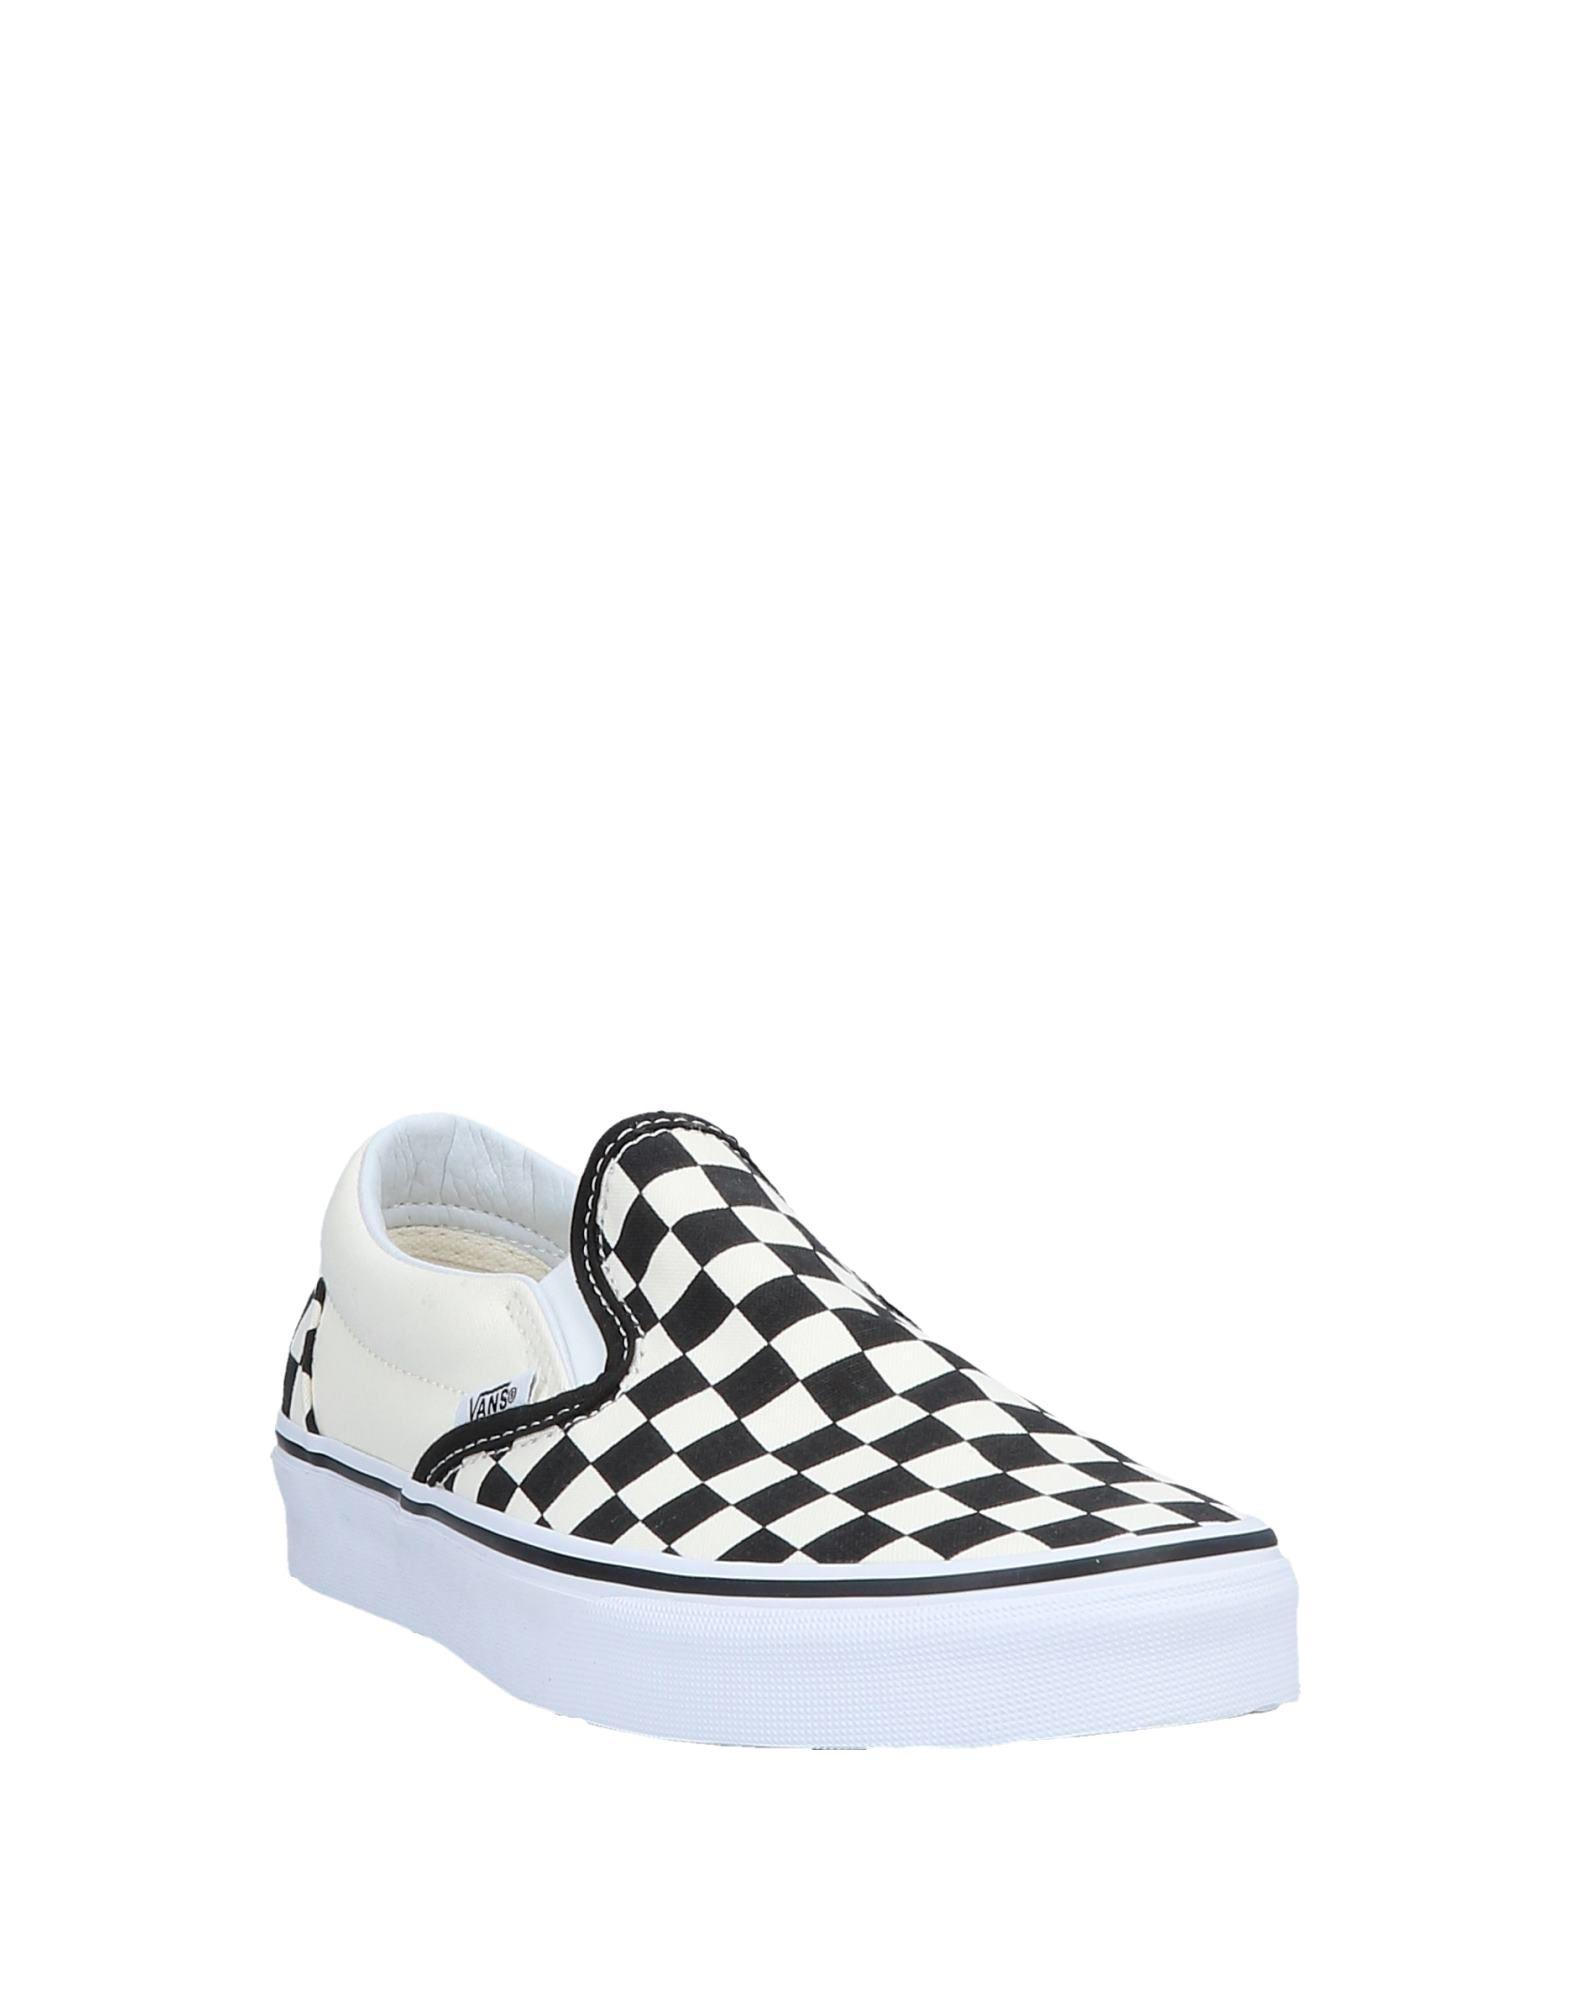 Vans Sneakers Damen  beliebte 11566971VI Gute Qualität beliebte  Schuhe cd755b